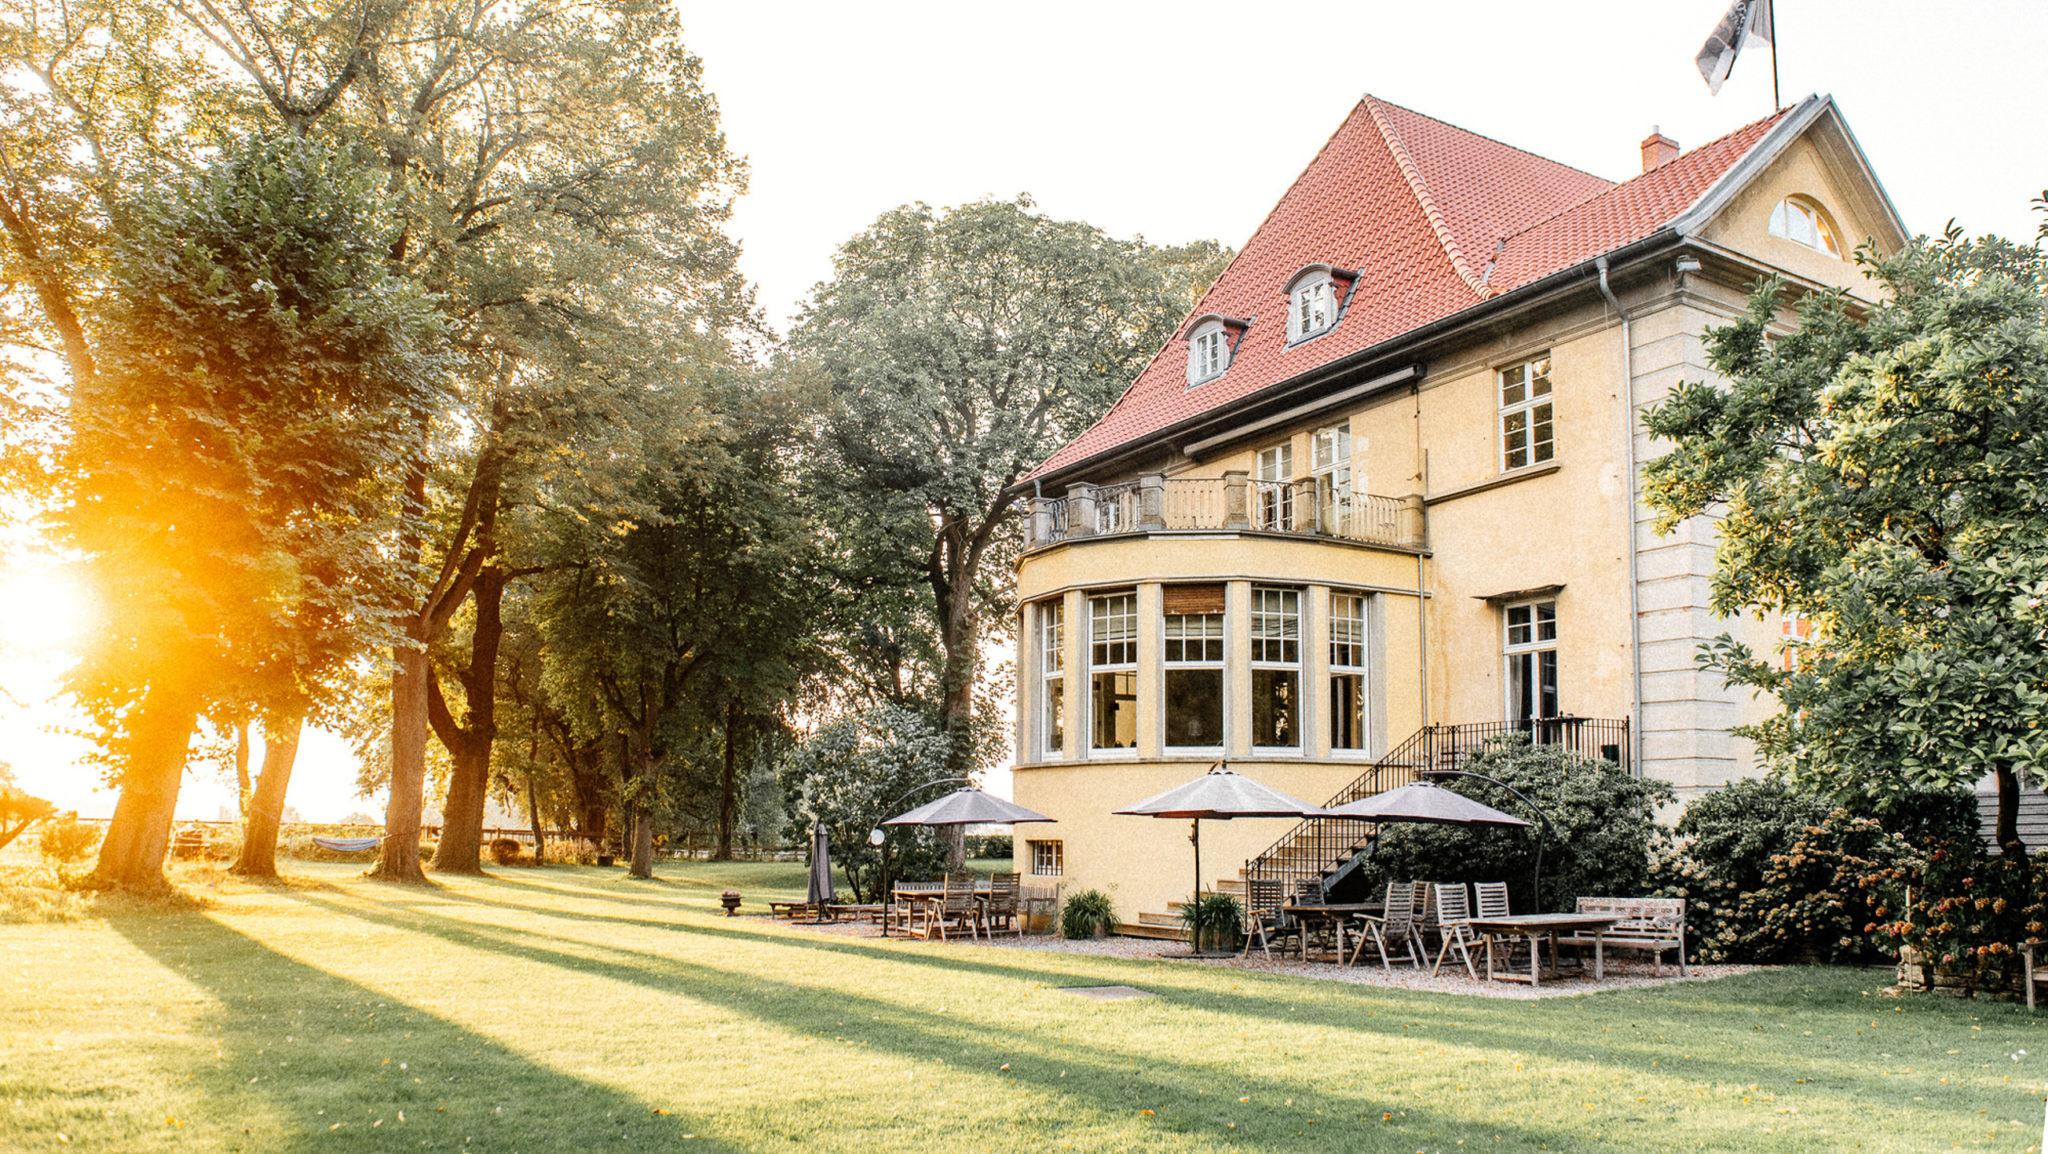 Termine der Redner Seminare am Rittergut Osthoff (hier zu sehen bei Sonnenuntergang)